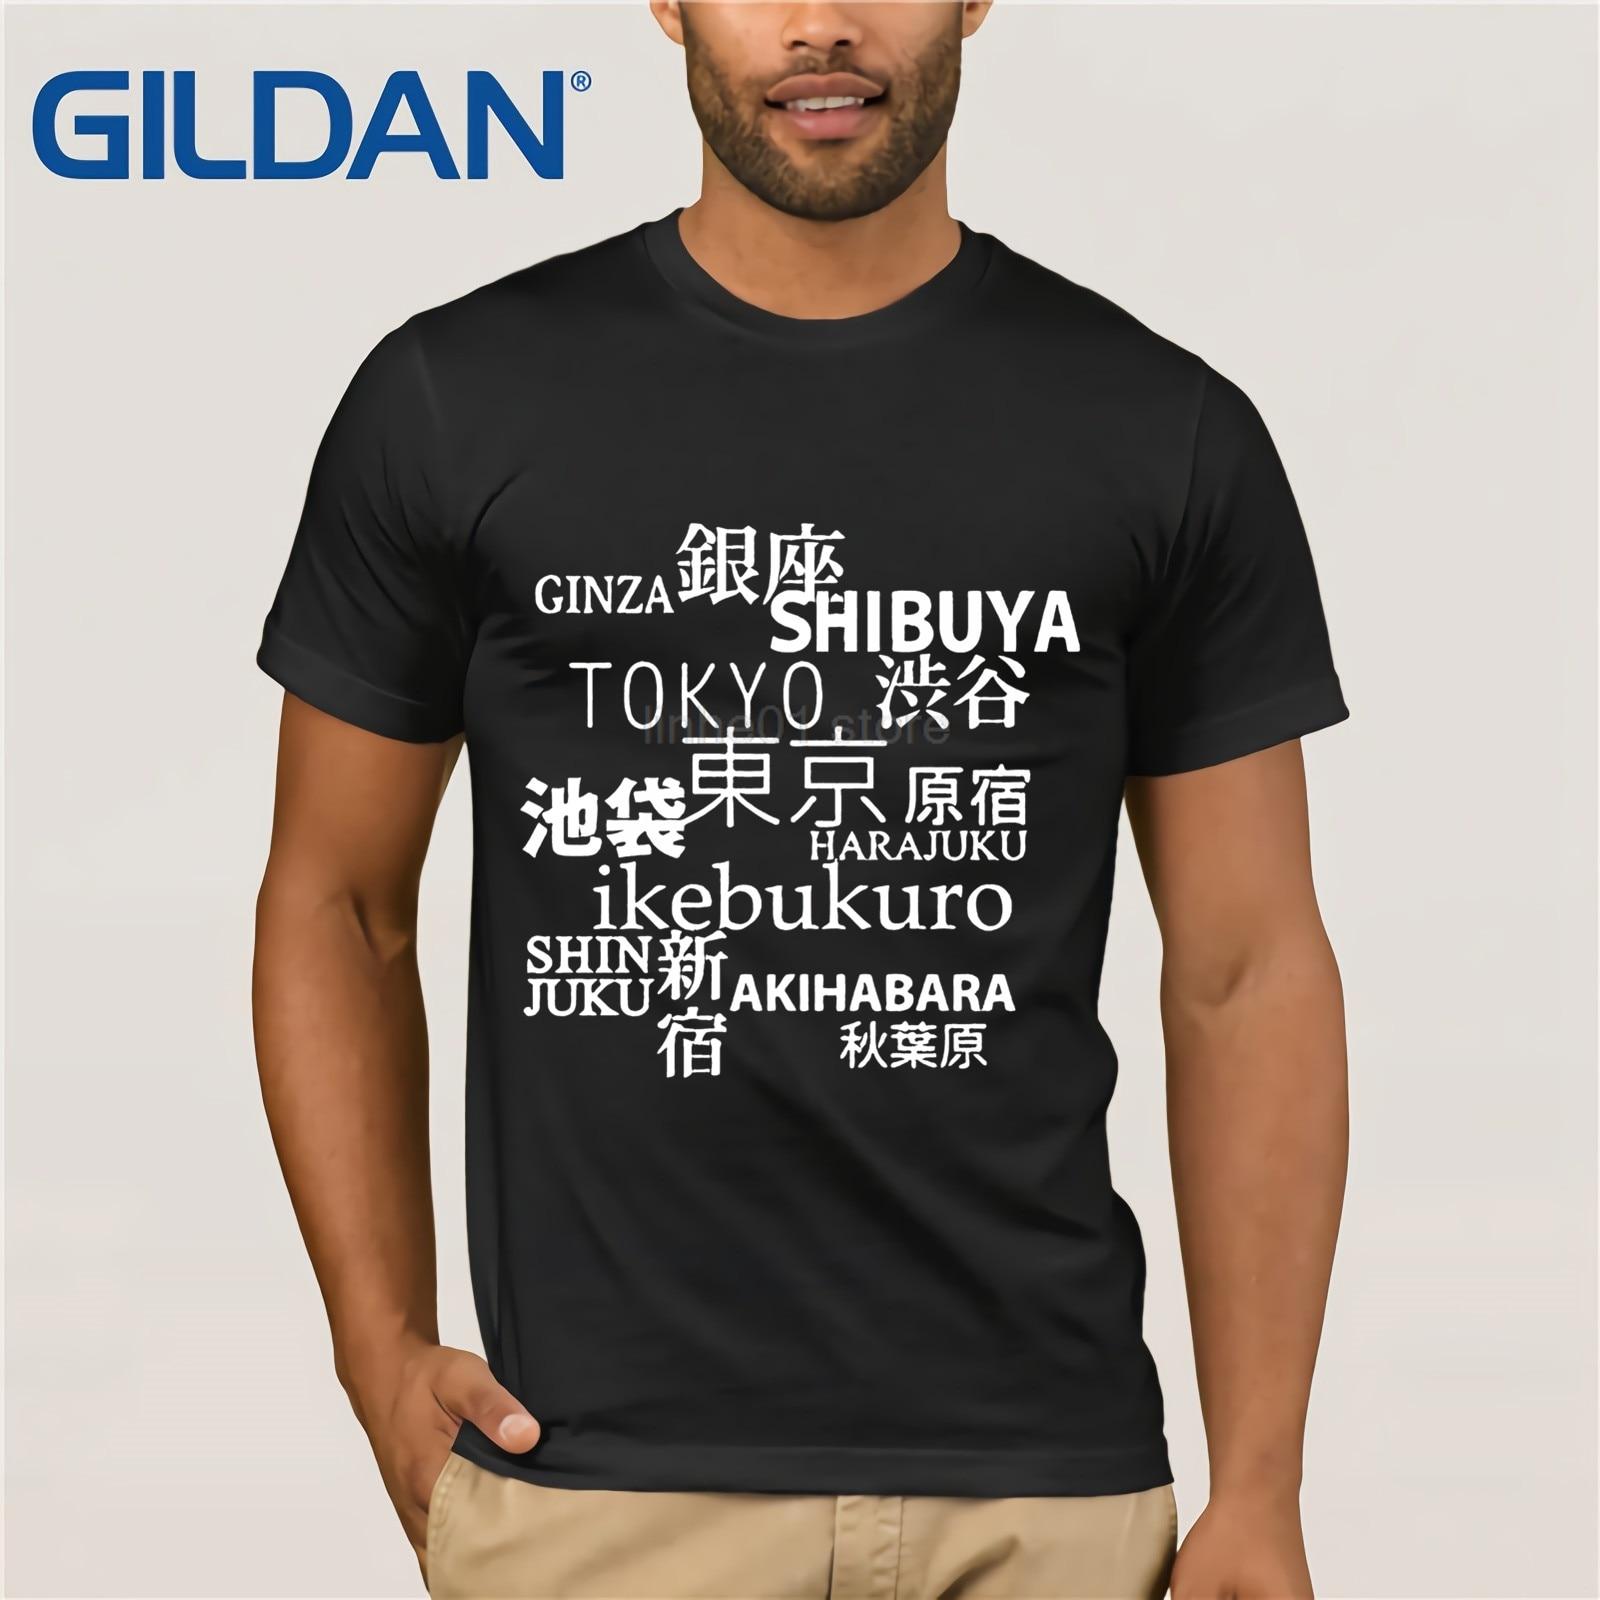 Camisa japonesa de Tokyo para hombre-Shibuya Ikebukuro Harajuku-Camiseta de la ciudad de la tomografía turística-Kanji regalo para estudiante japonés